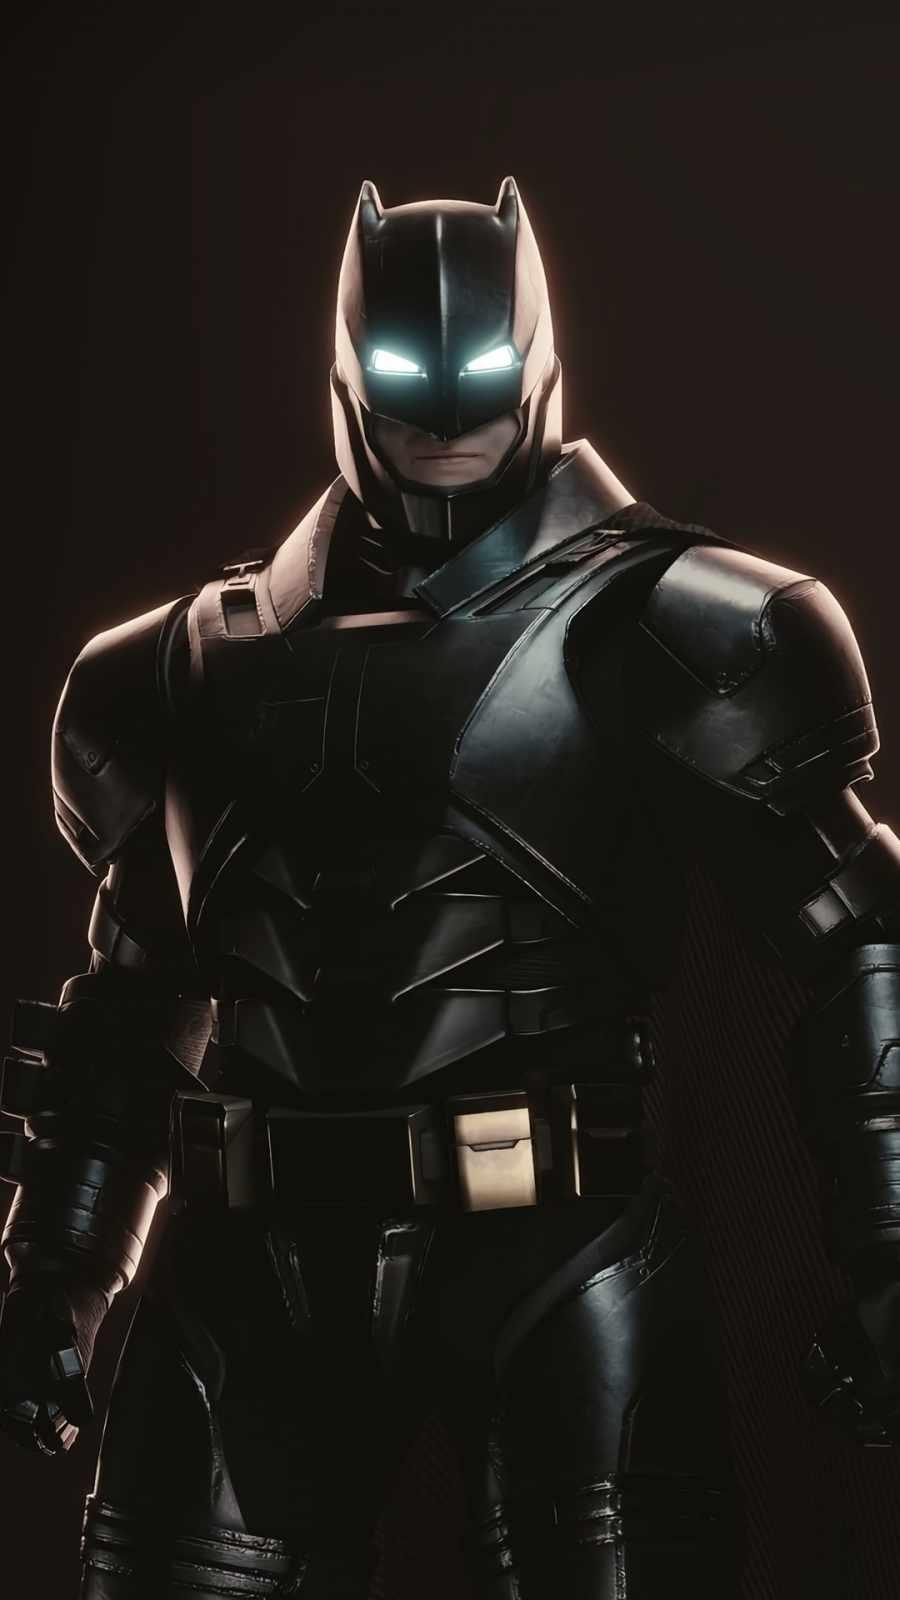 Bat Suit iPhone Wallpaper